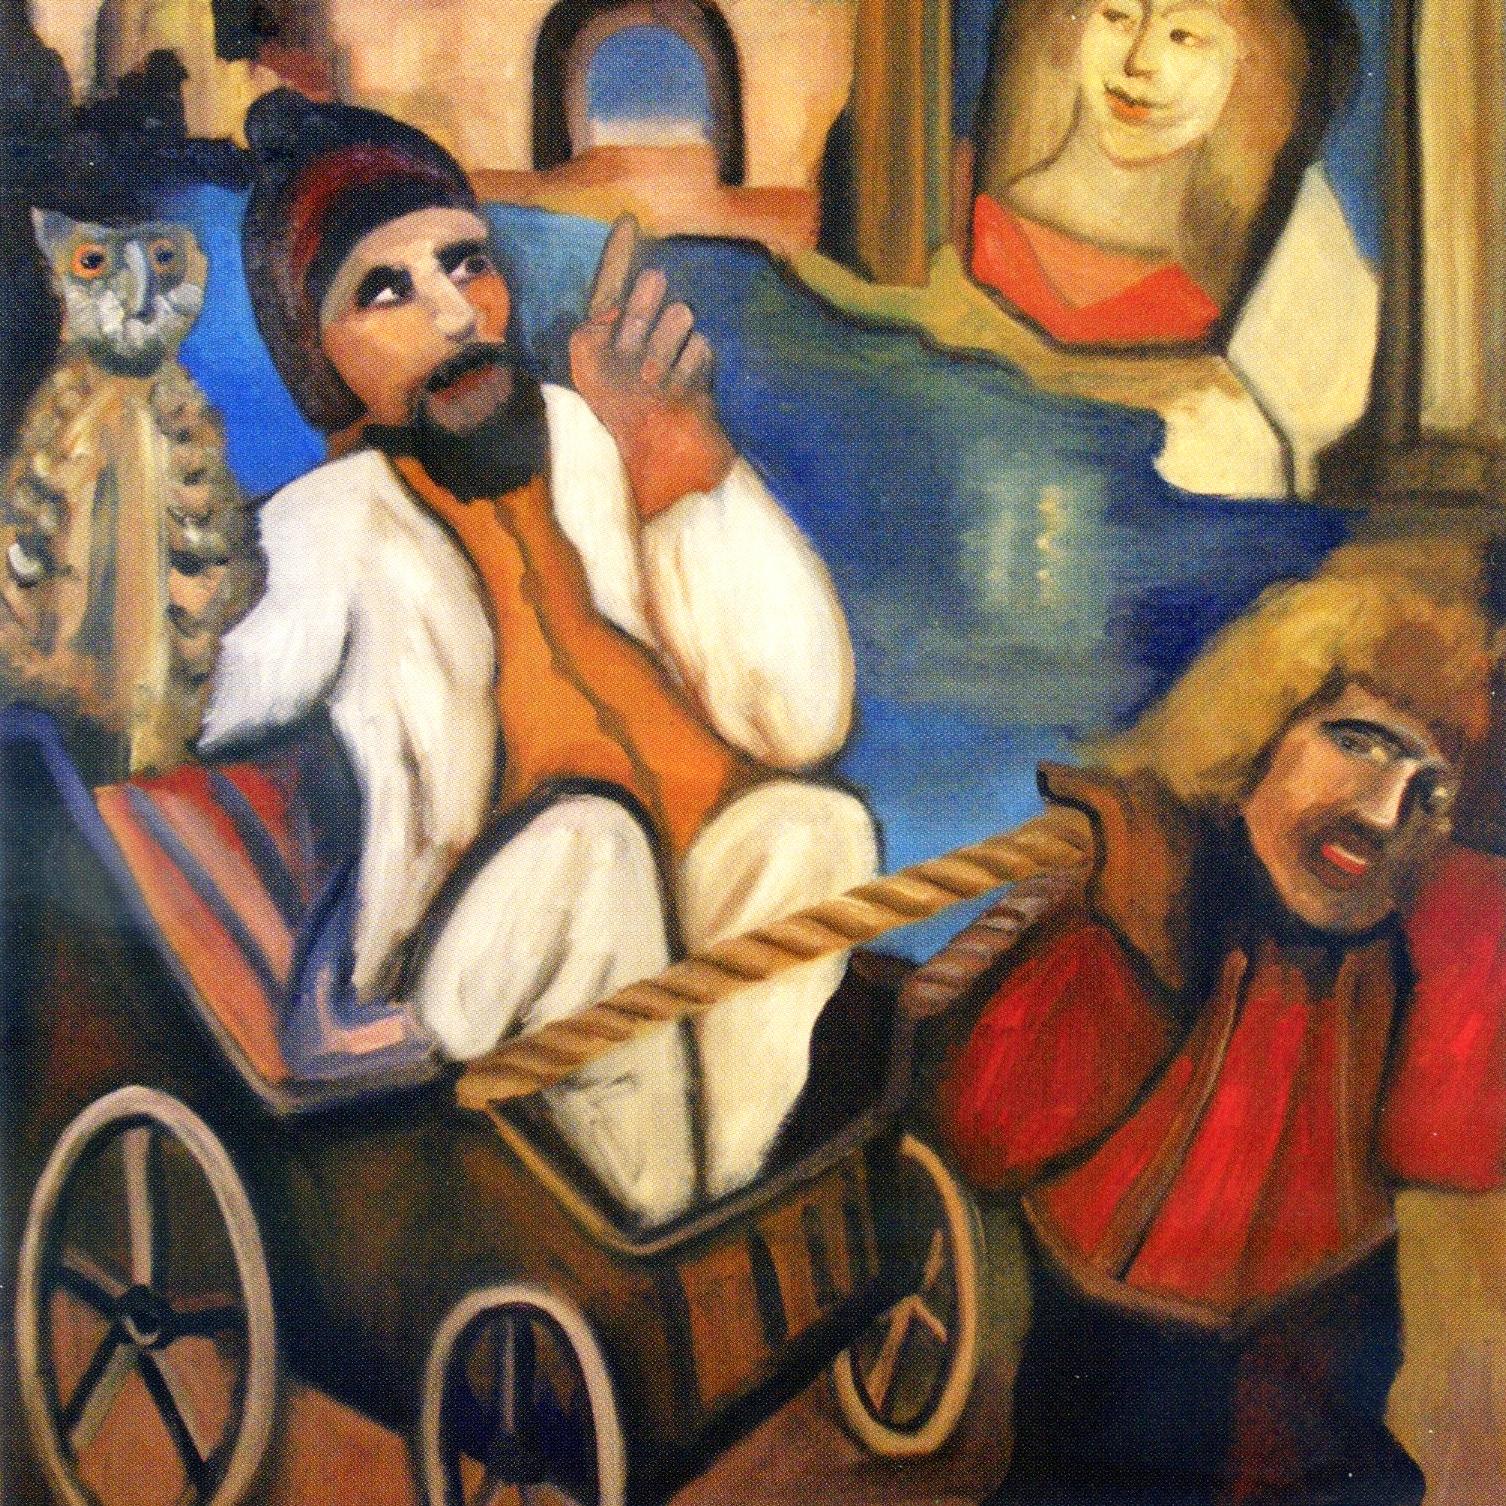 Le nain et la charrette - Huile sur toile - 116 x 89 cm. Peinture de Pierre Assémat